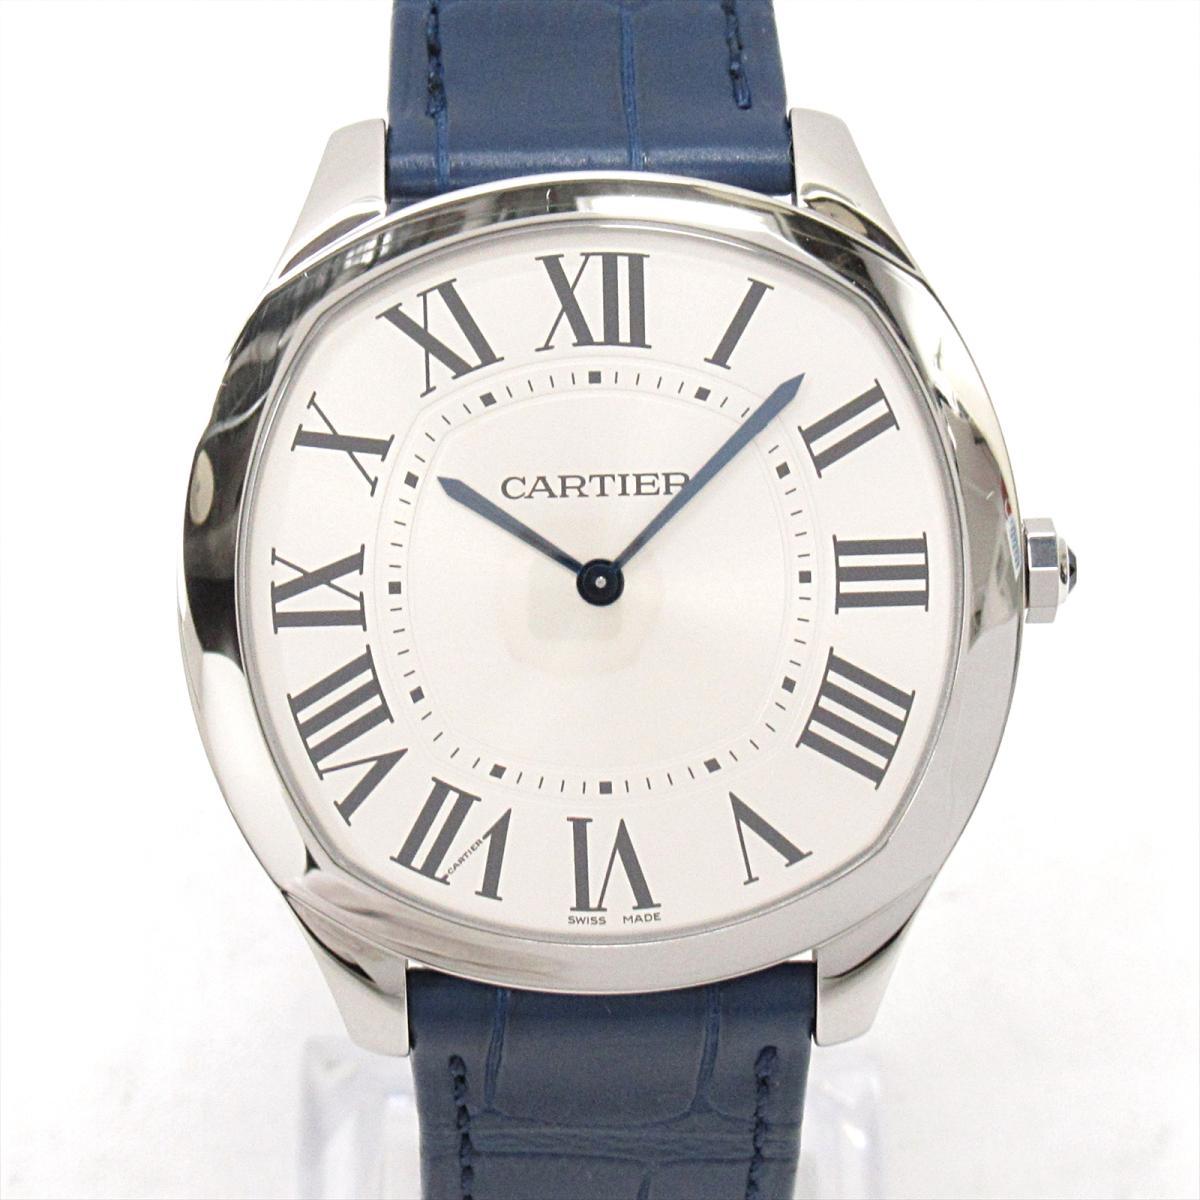 【中古】 カルティエ ドライブ ドゥ エクストラ フラット 腕時計 ウォッチ メンズ ステンレススチール (SS) x レザーベルト (CRWSNM0011)   Cartier 手巻き時計 ドライブドゥカルティエエクストラフラット 美品 ブランドオフ